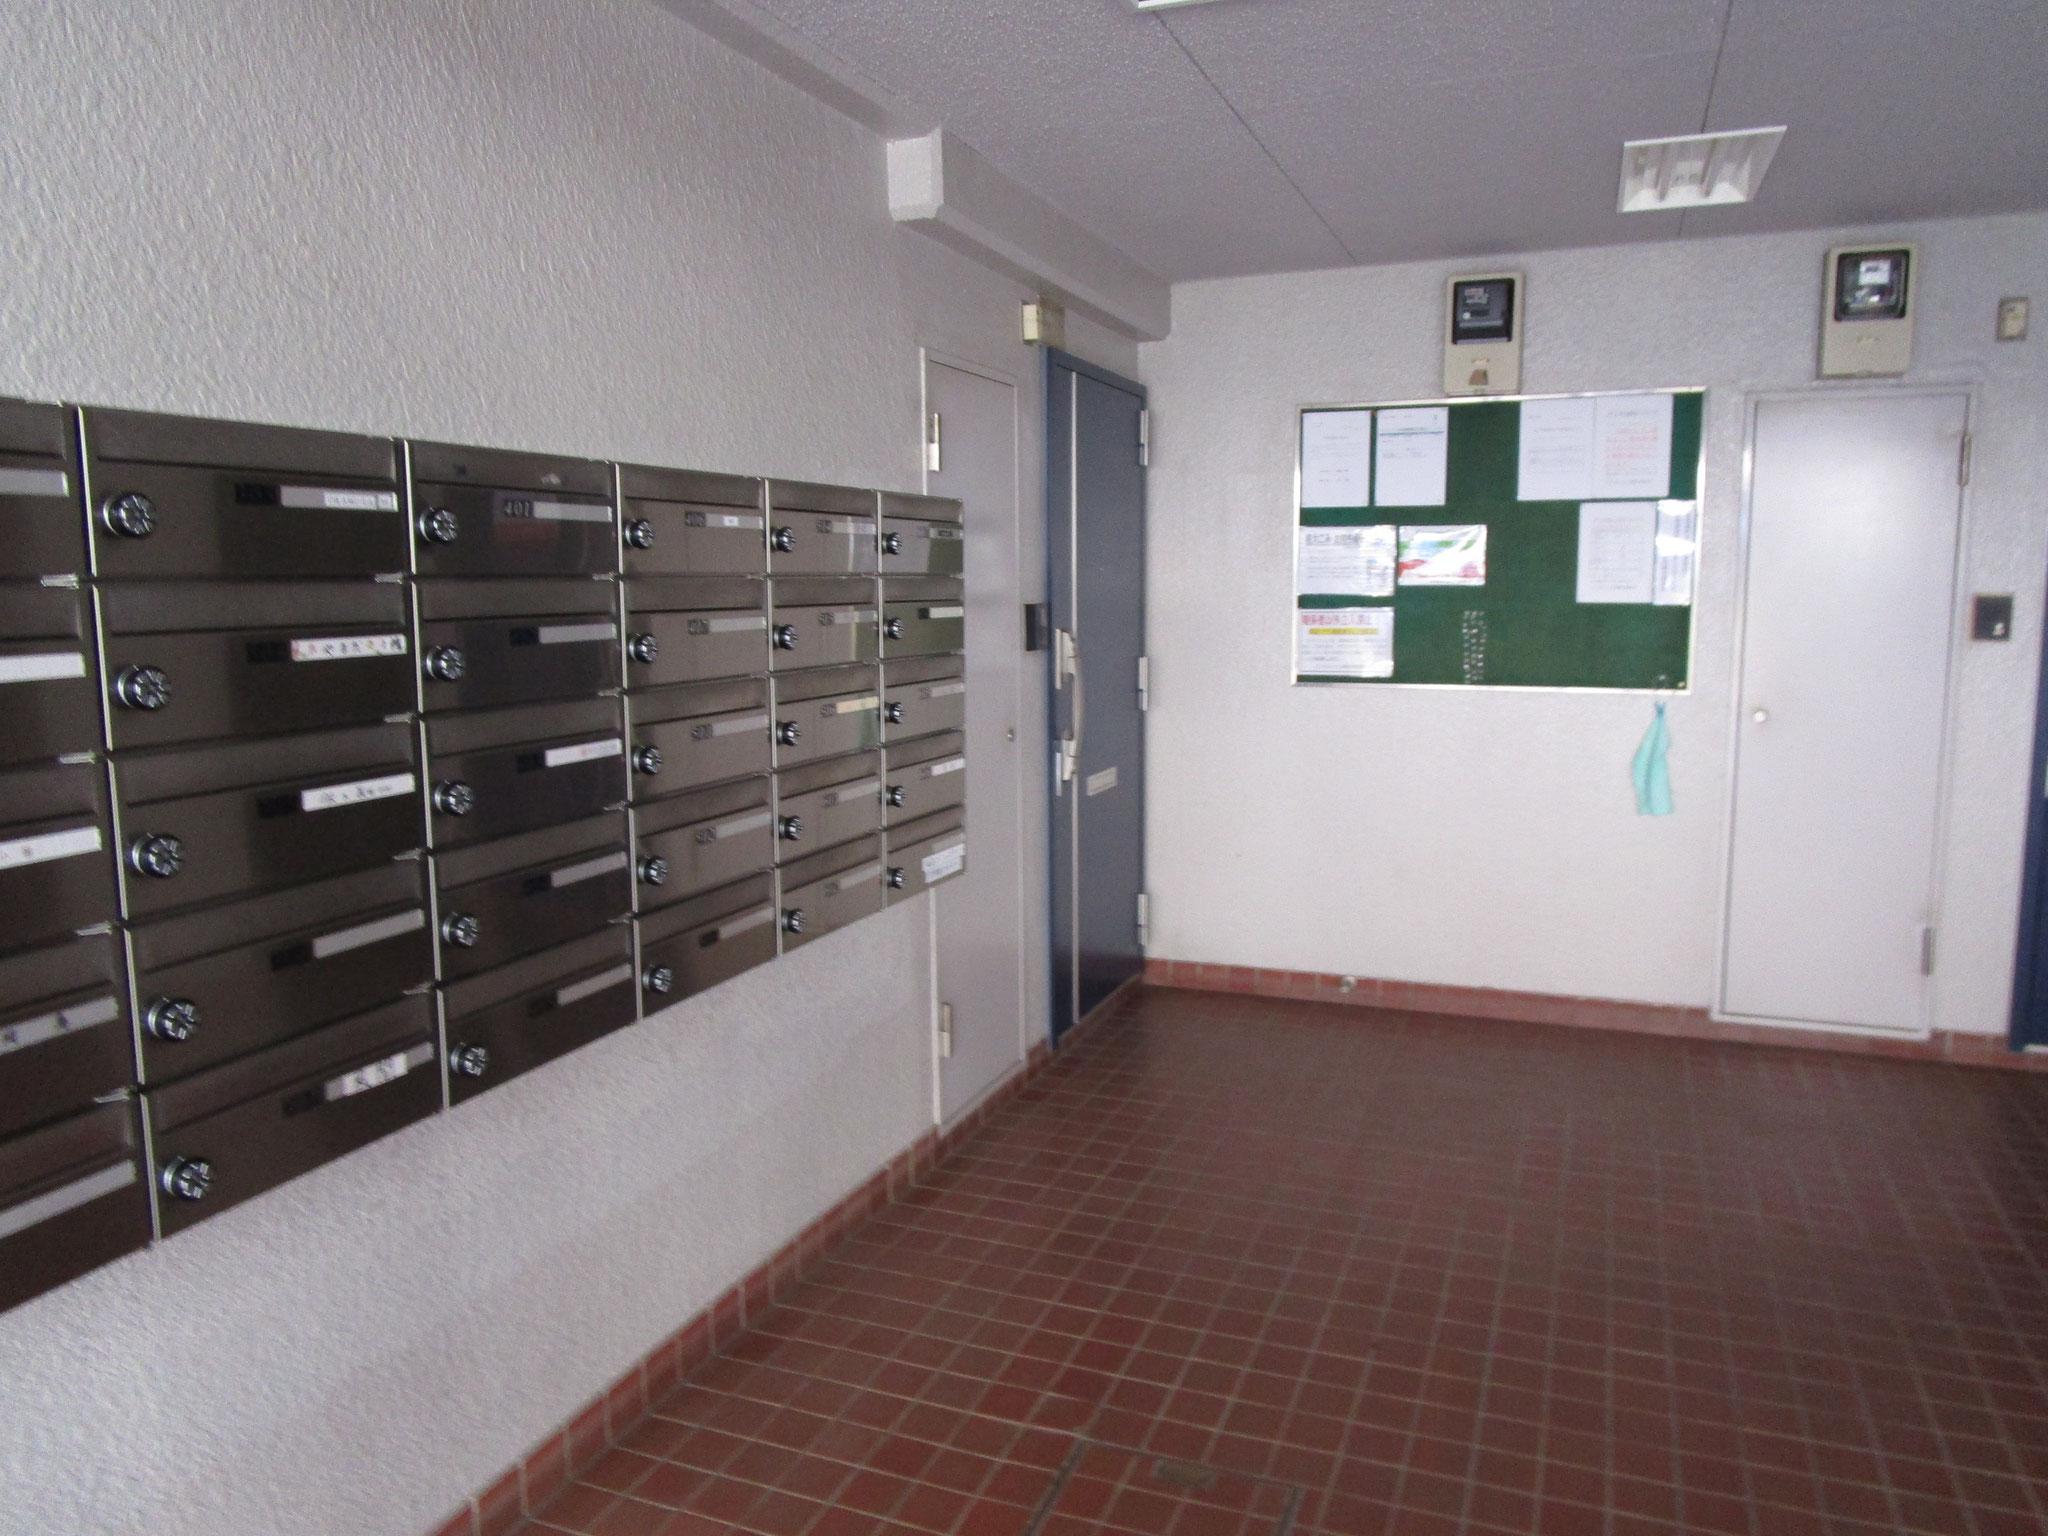 エントランスを入って左側はメールBOXコーナー